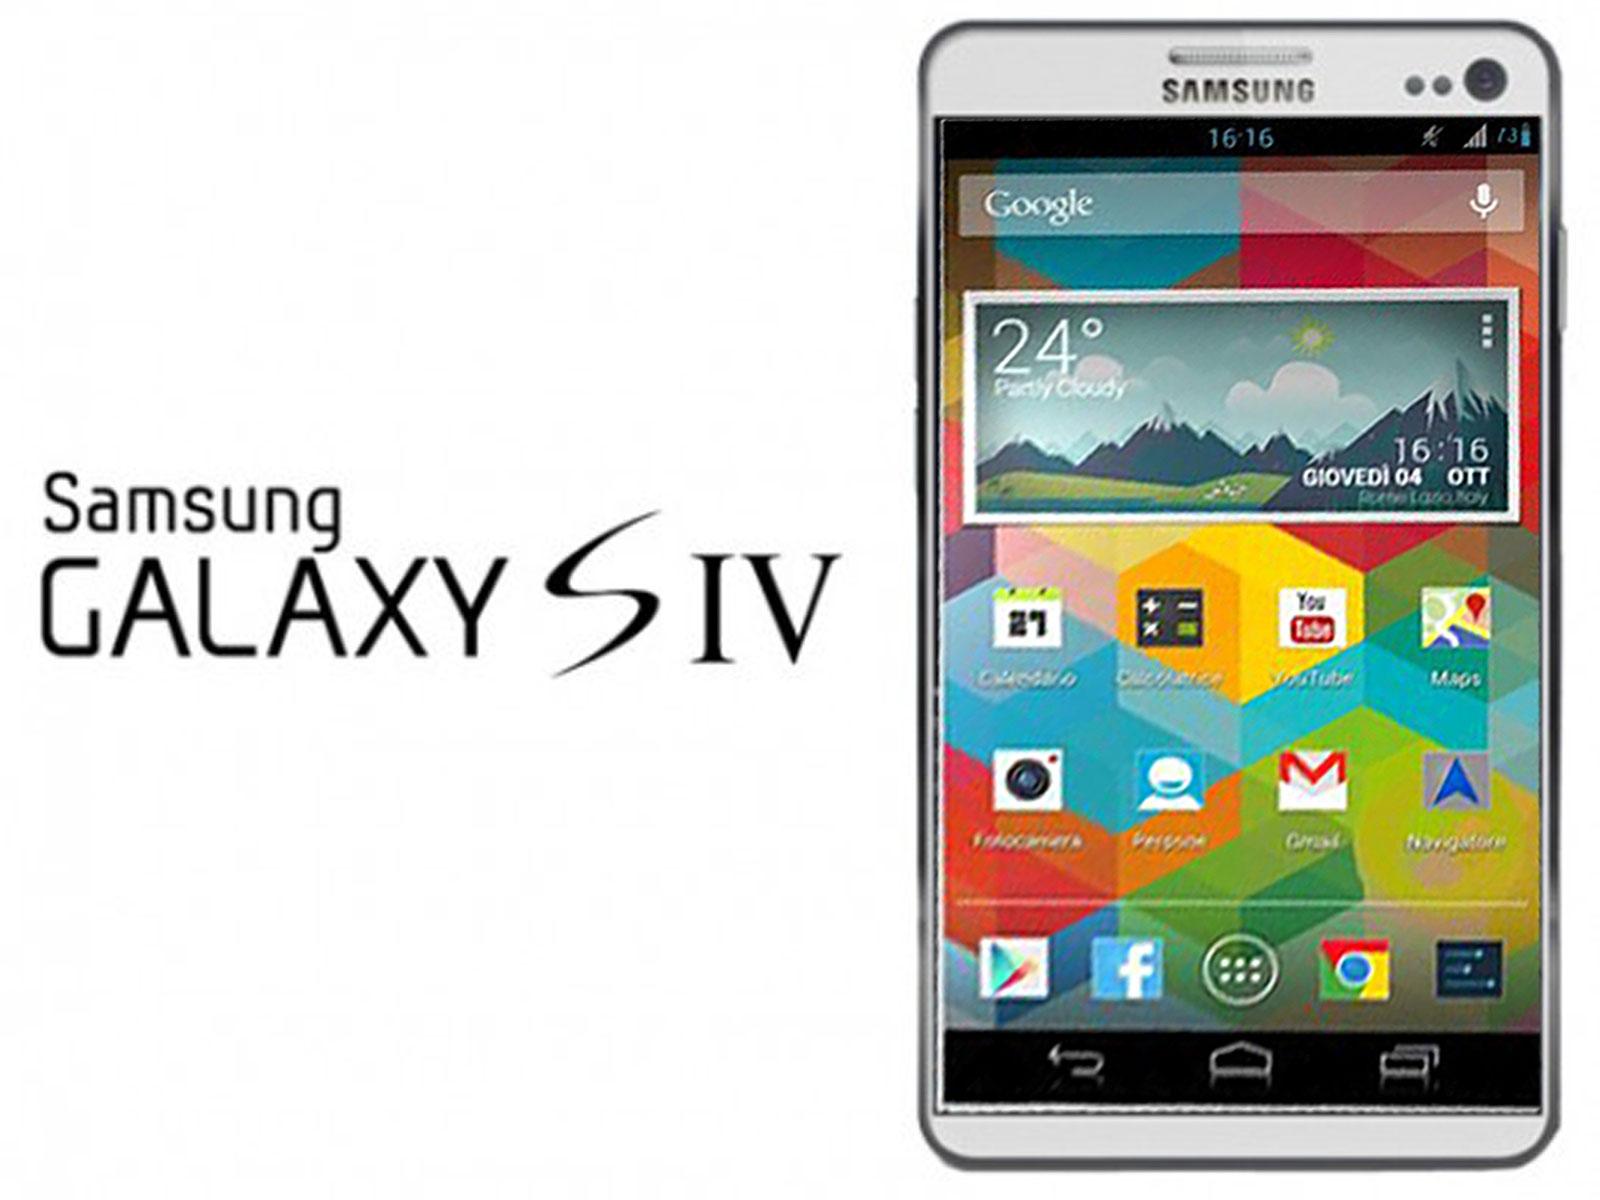 Samsung Galaxy S4 ilk tanıtım videosu